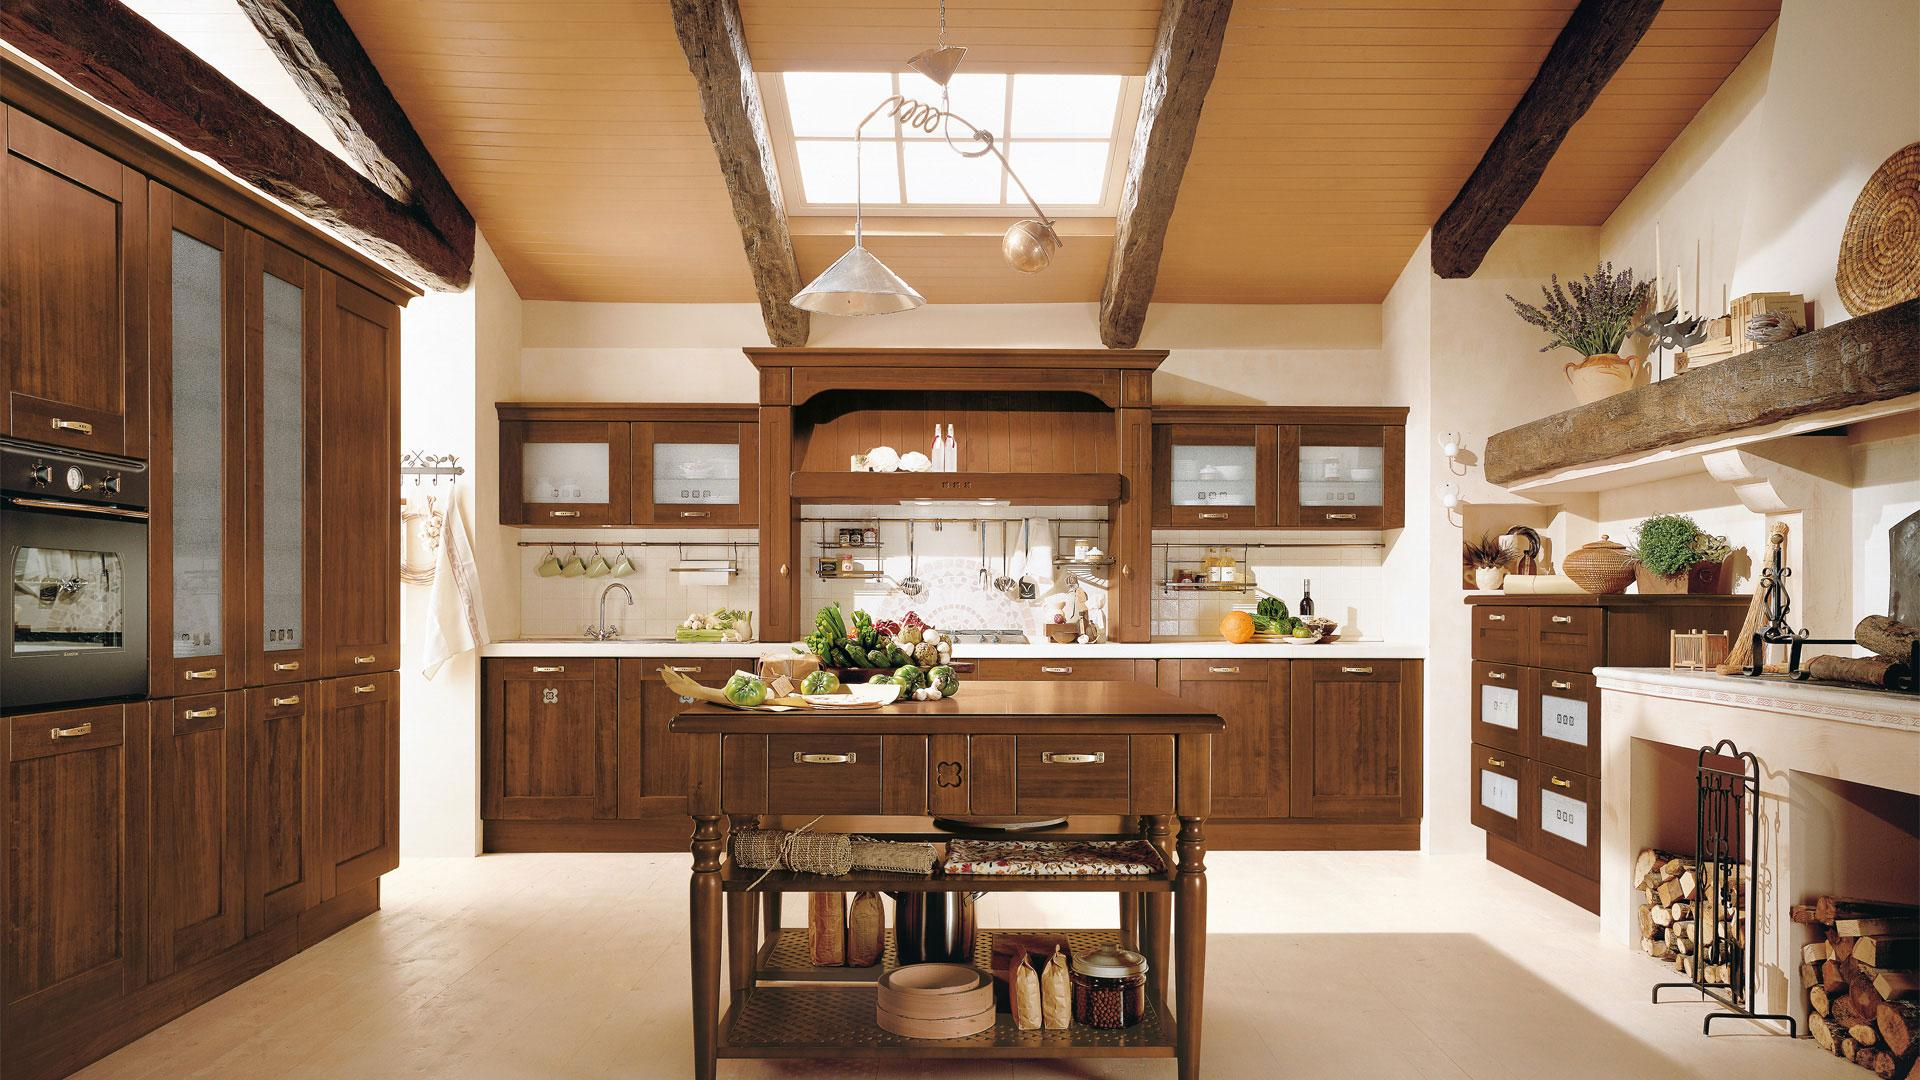 Arredamento cucine economiche fabulous cucina compatta e funzionale n with arredamento cucine - Cucine classiche economiche ...